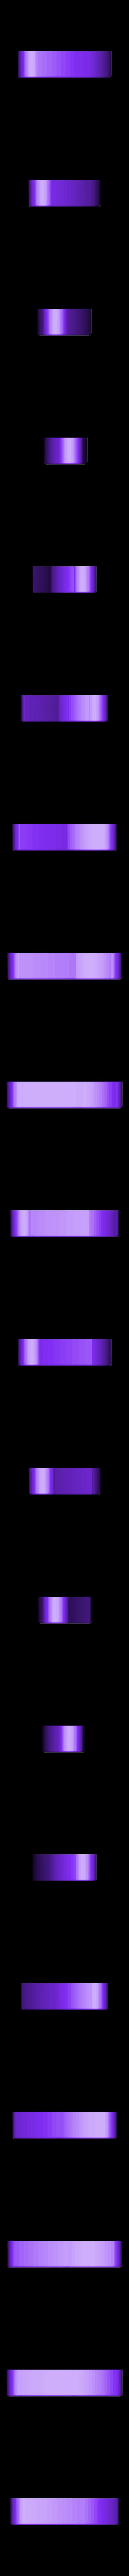 DorsalNerveRight.stl Télécharger fichier STL Puzzle de la section tranchée du clitoris • Plan pour impression 3D, 3D_Maniac